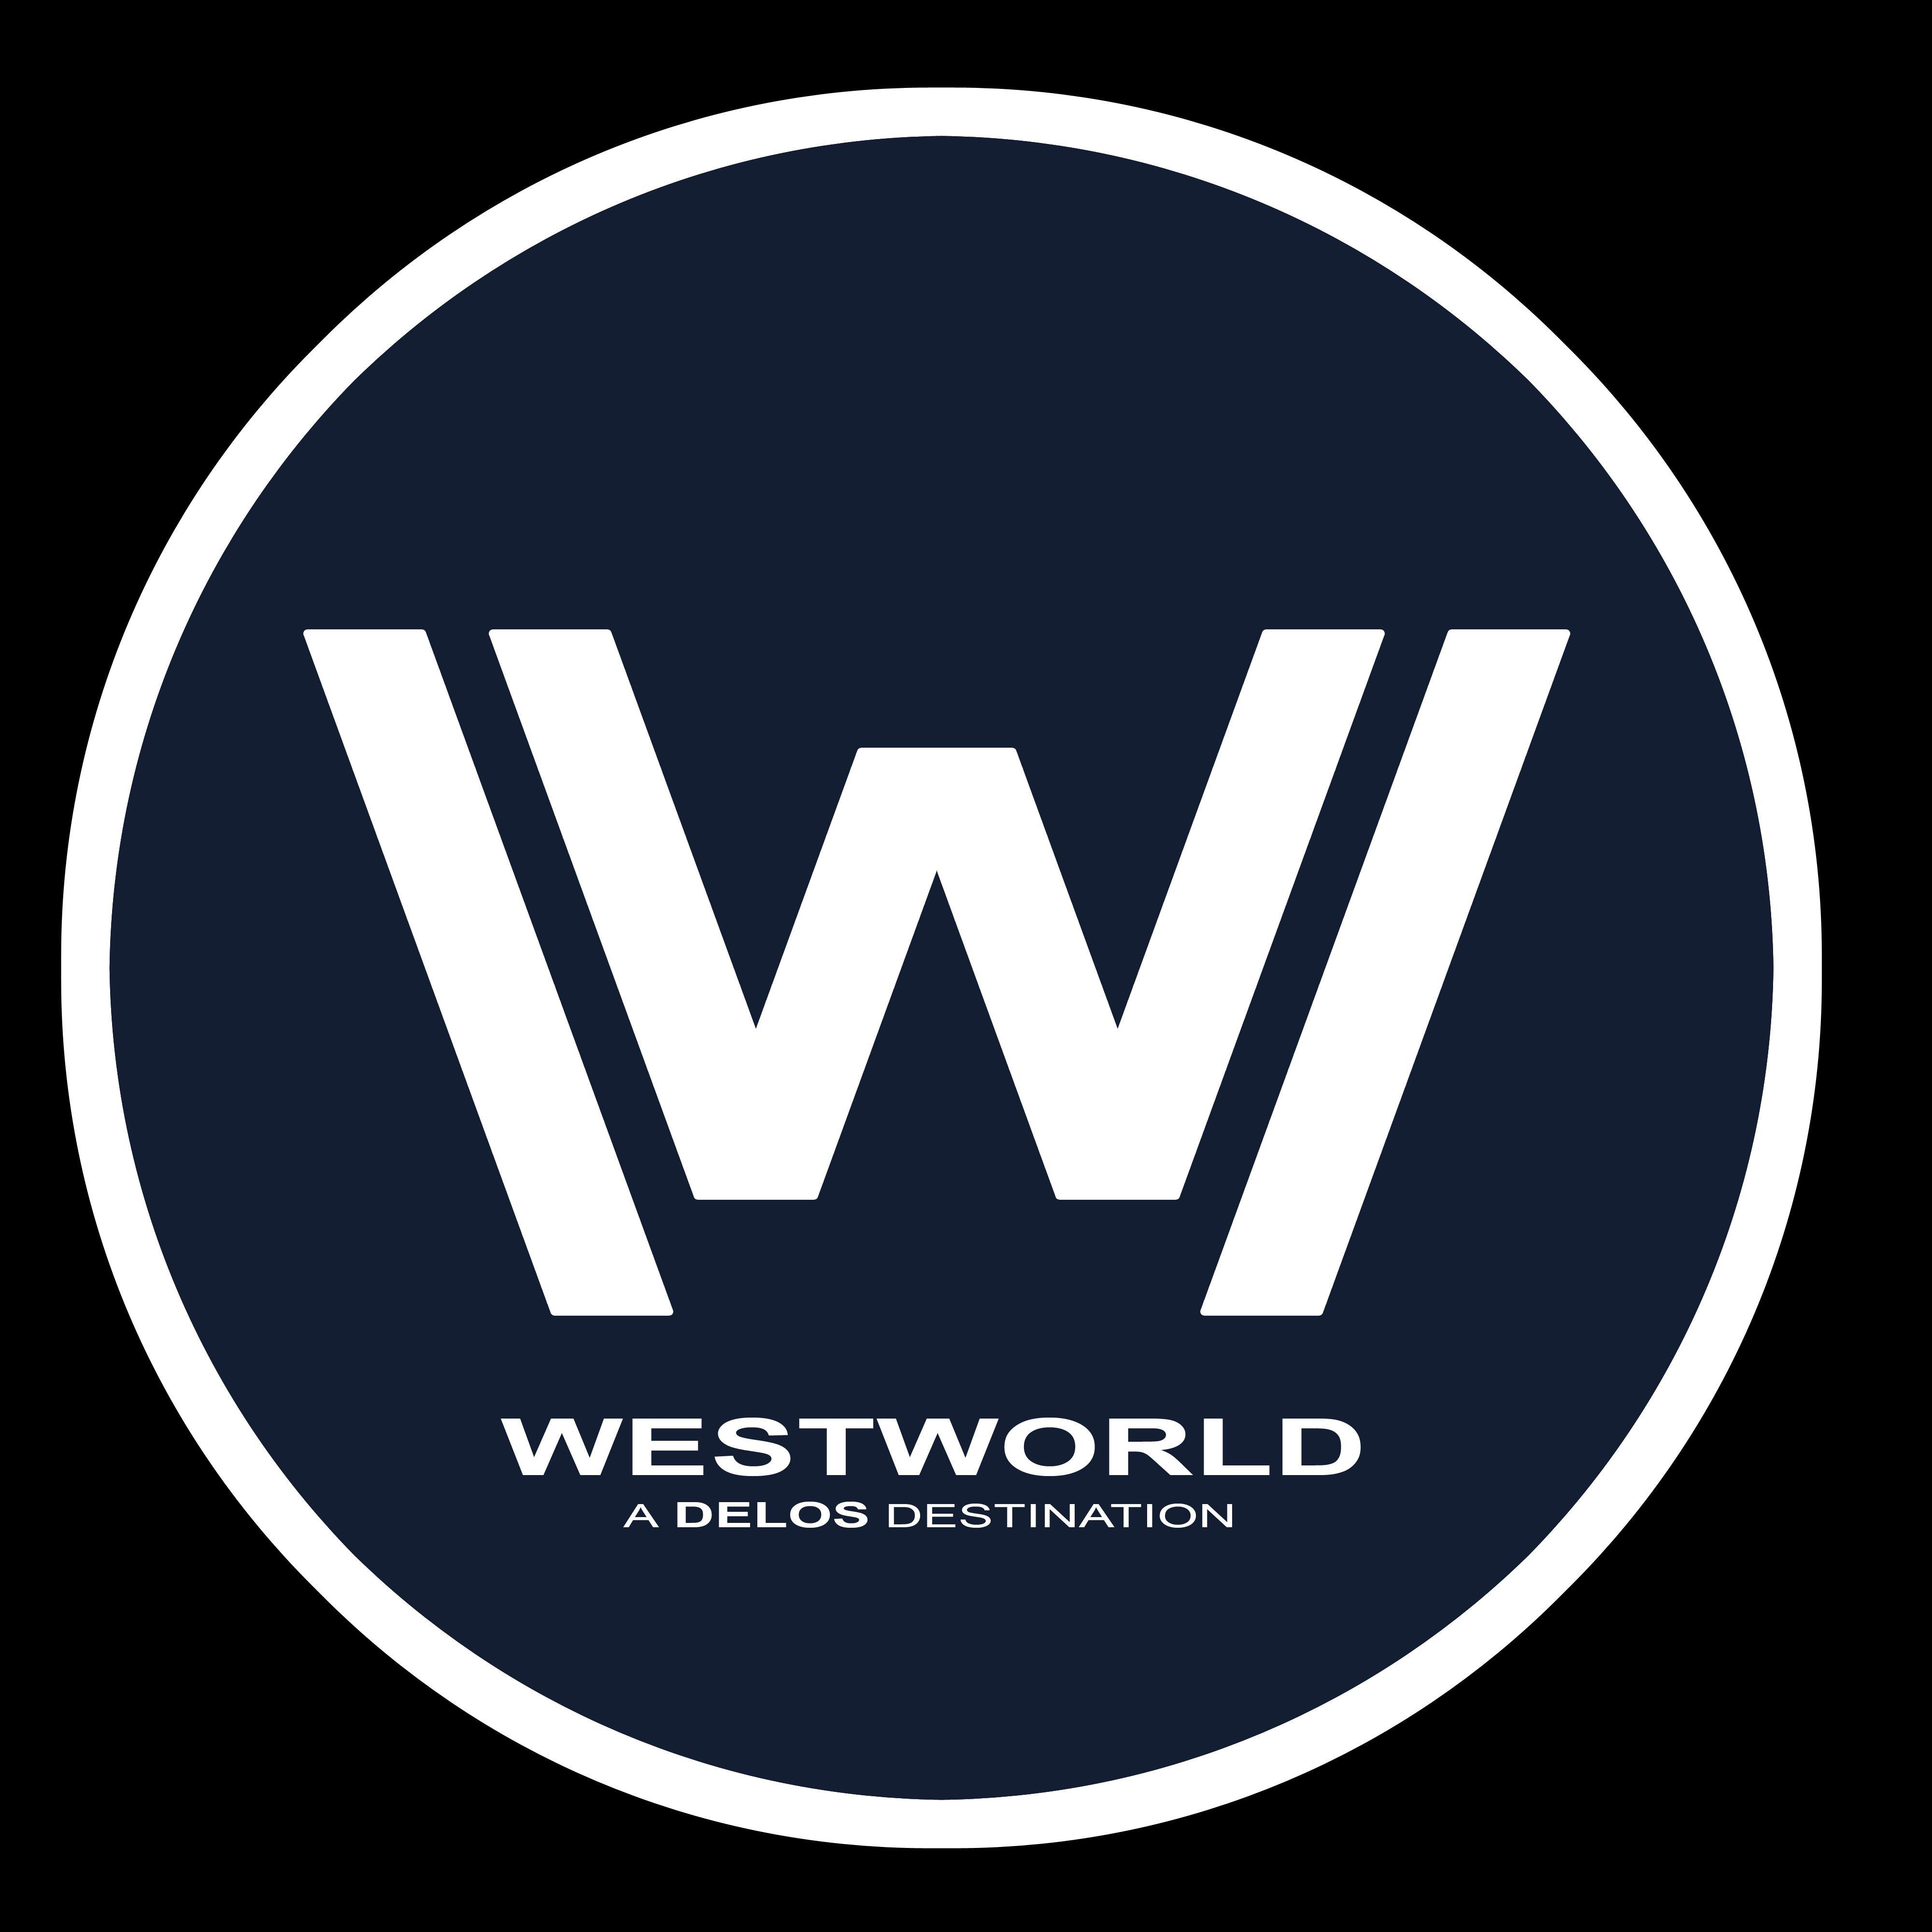 'Westworld A Delos Destination' TShirt by WonkyRobot